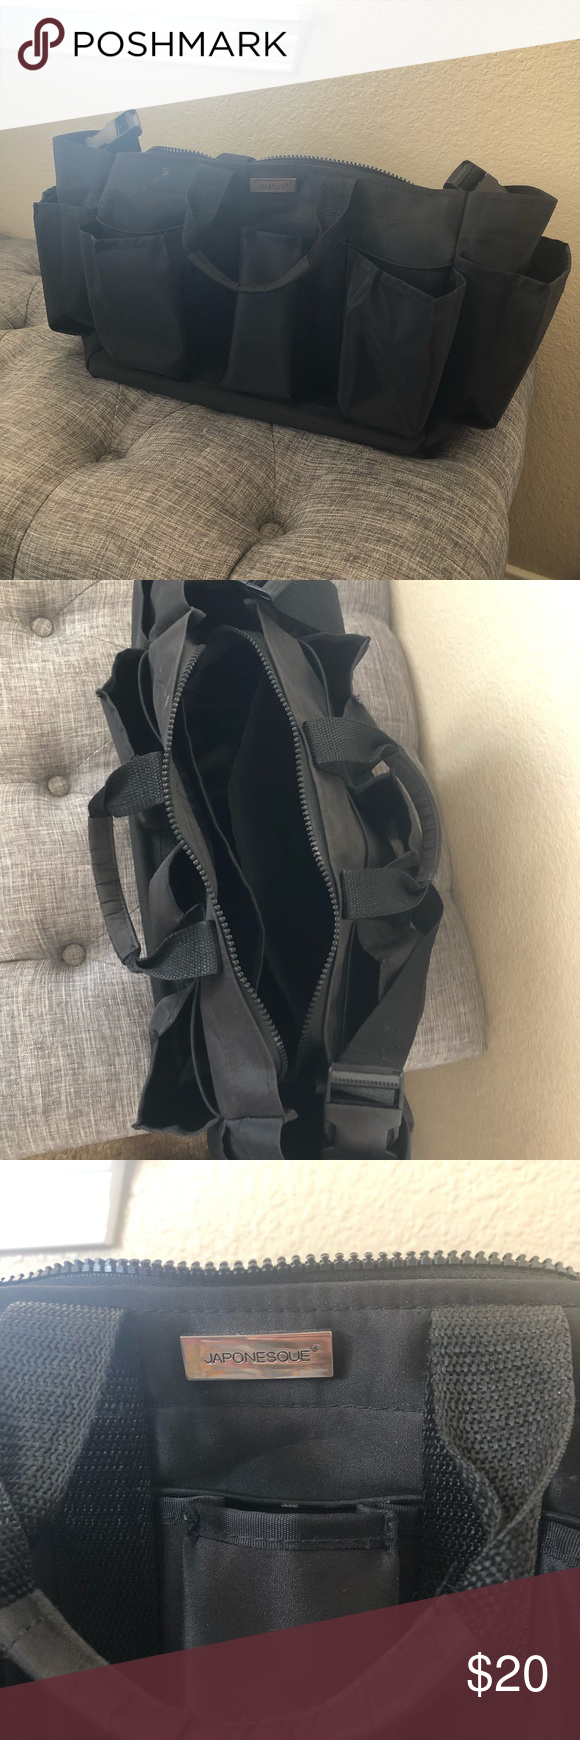 Japonesque Pro Set Bag Black set, Bags, Hair product storage